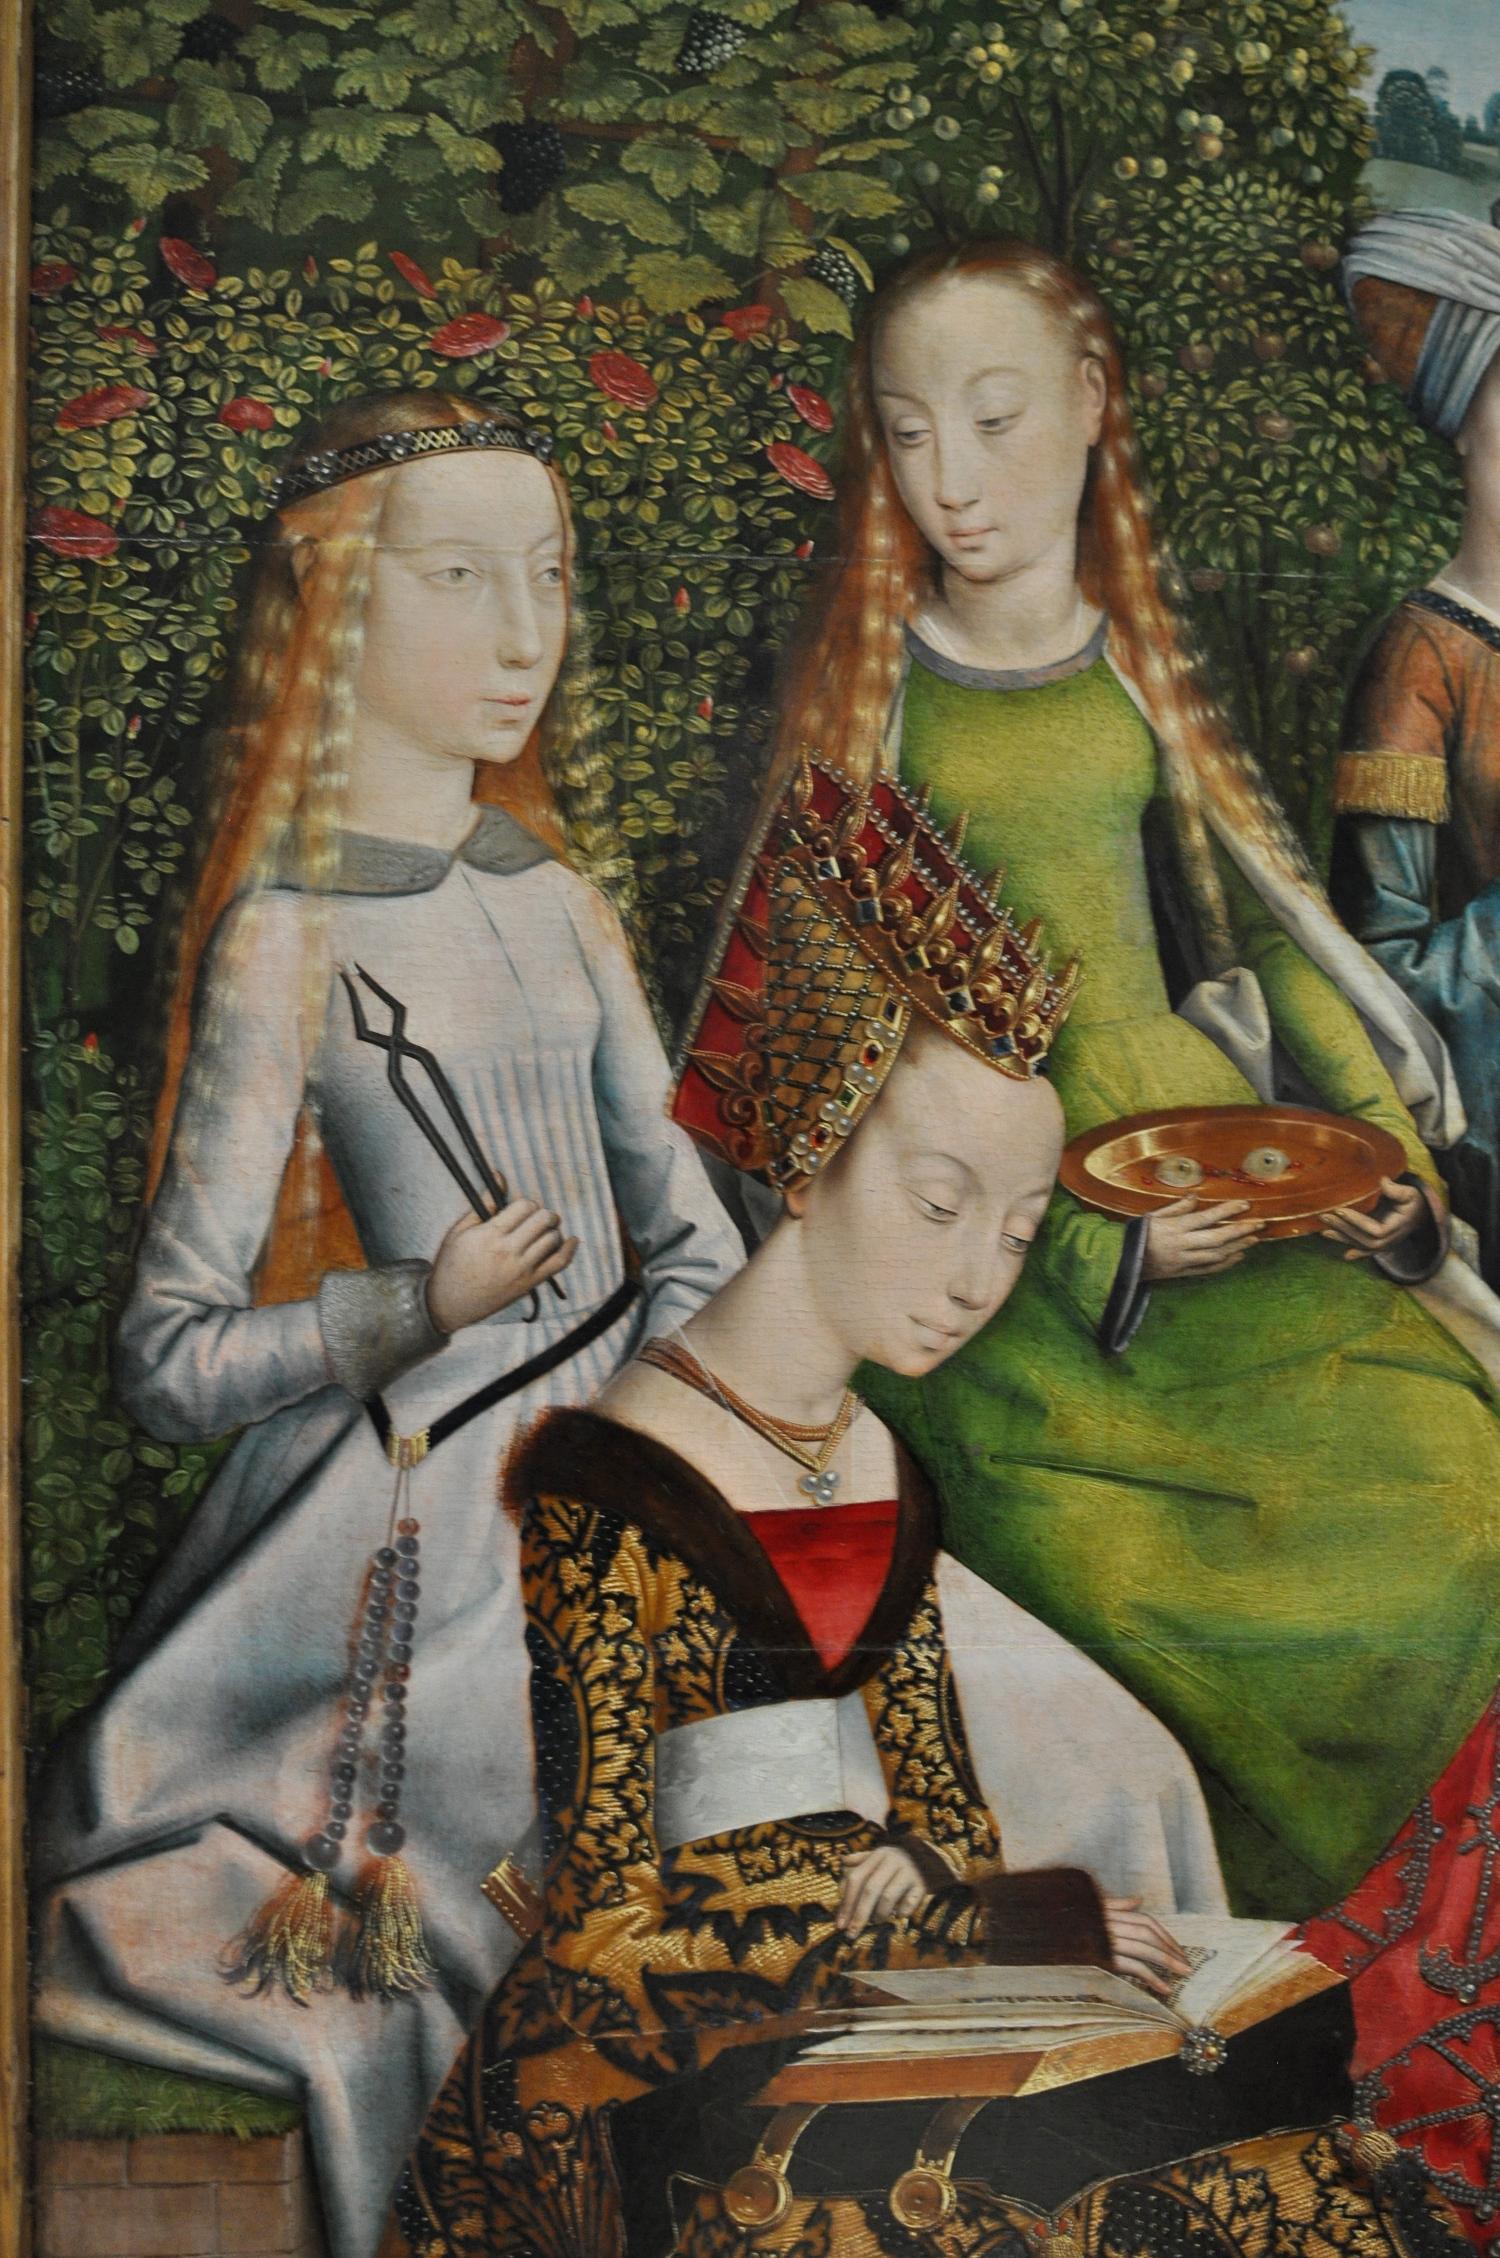 rocaille-blog-bruxelles-musees-royaux-des-beaux-arts-flemish-art-16